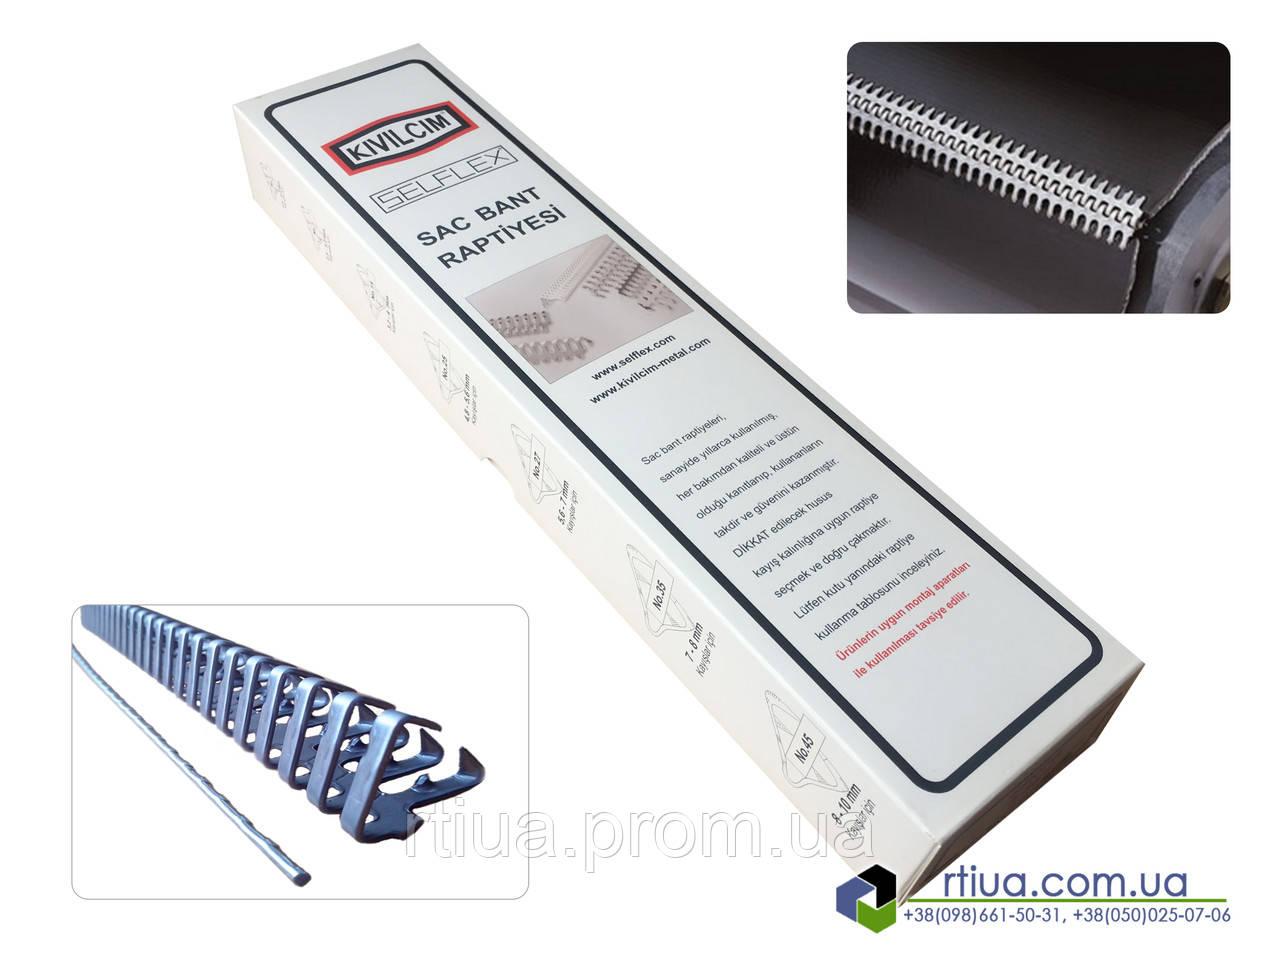 Соединитель Kivilcim №7 для транспортерной ленты 2,5 - 3,2 мм